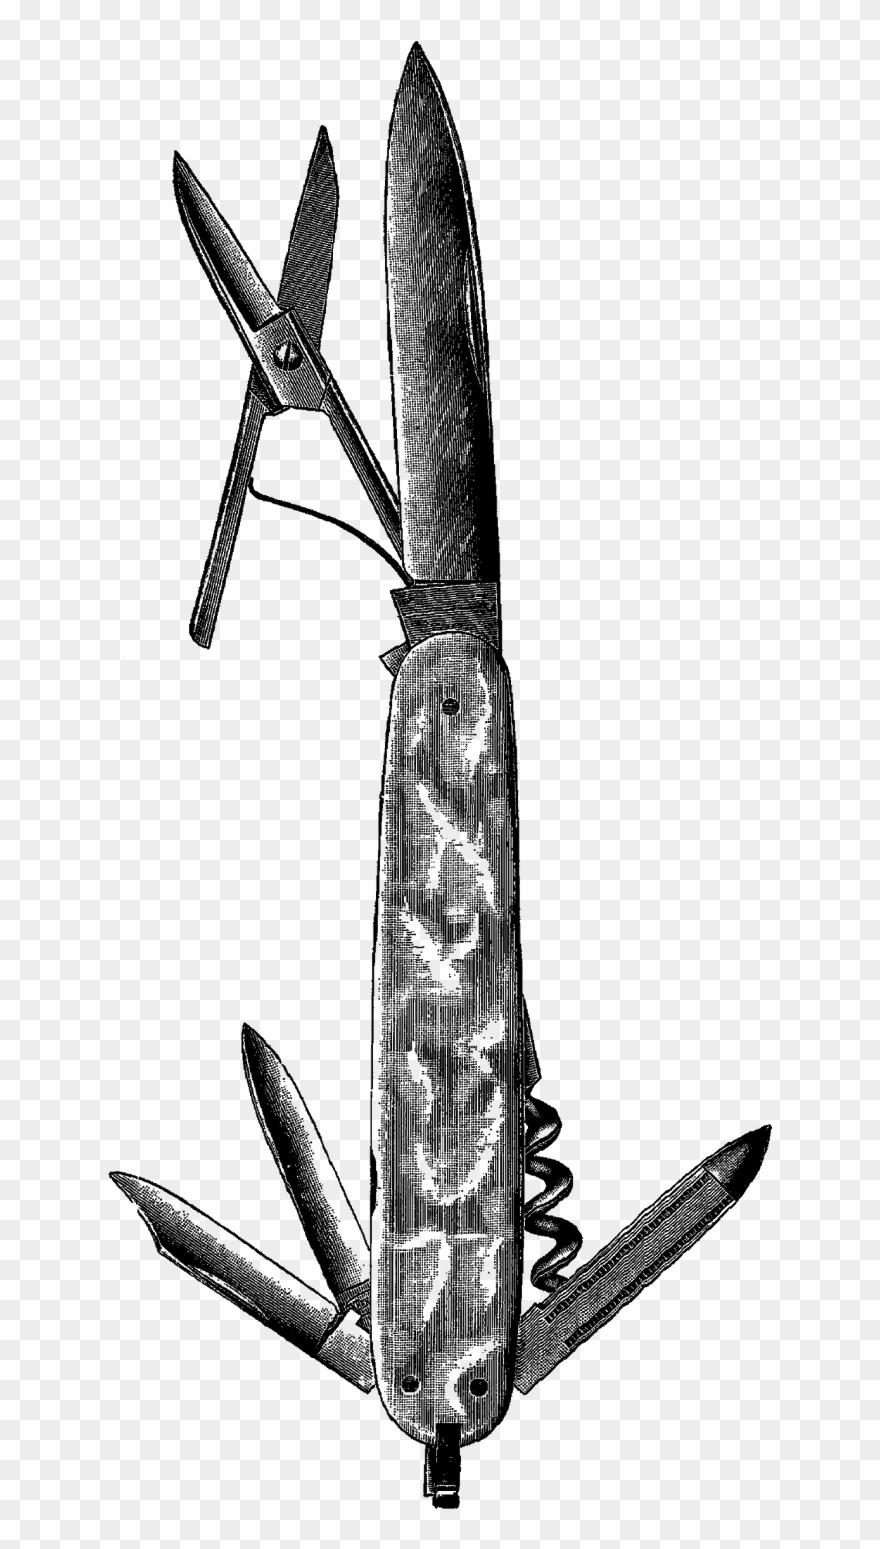 knife # 4922454